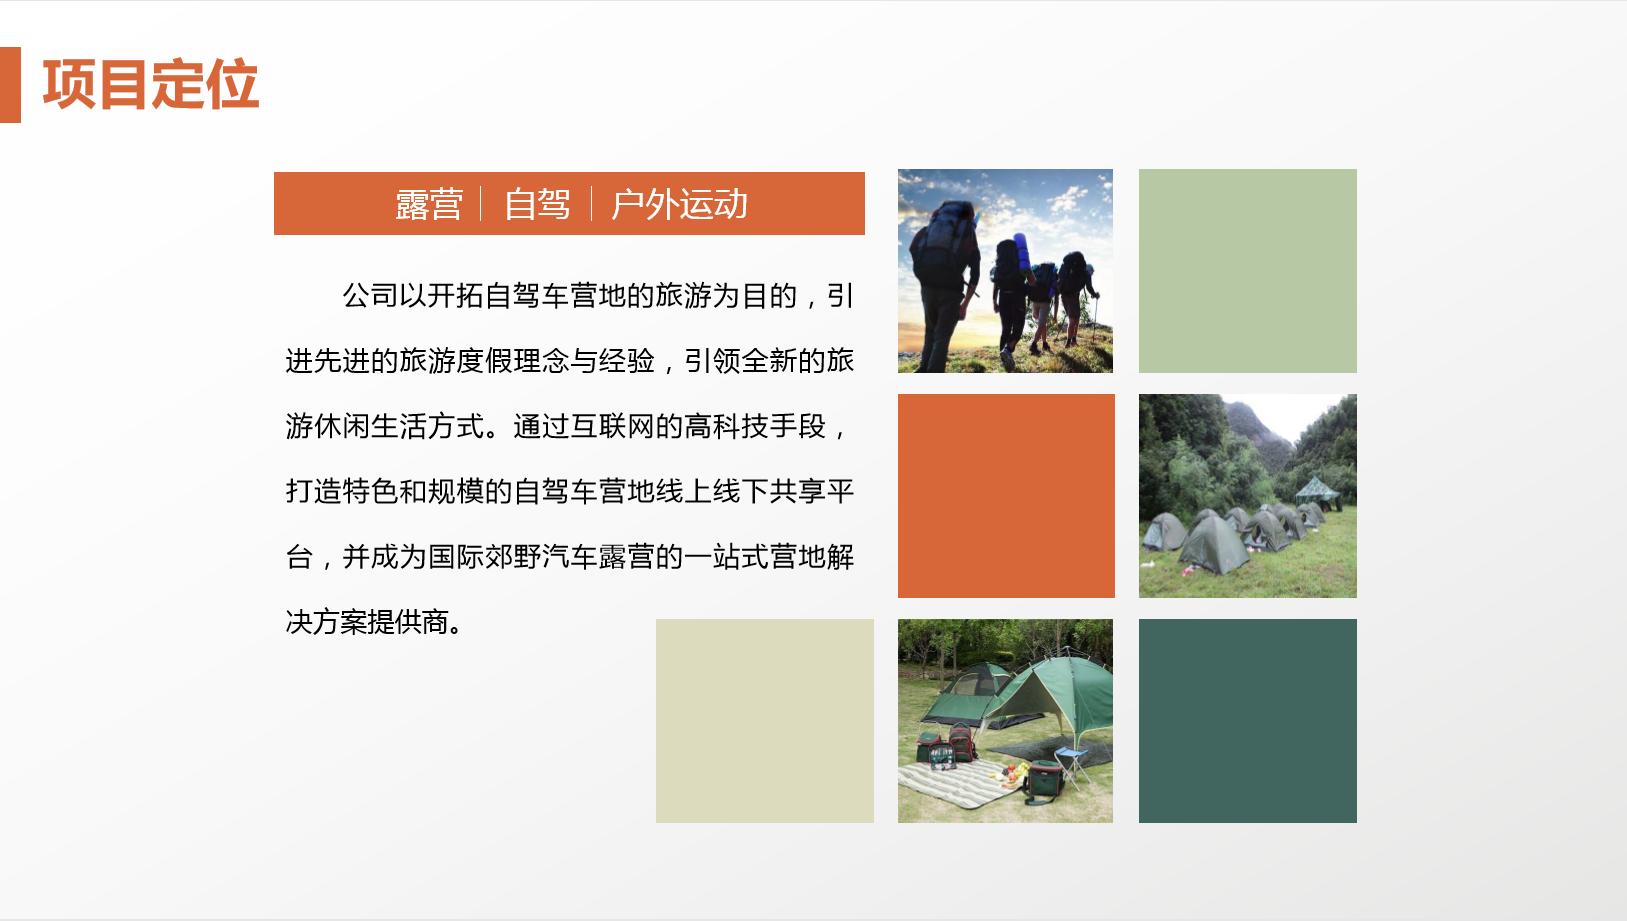 扁平企业培训个人总结介绍分析画册毕业答辩报告计划PPT设计